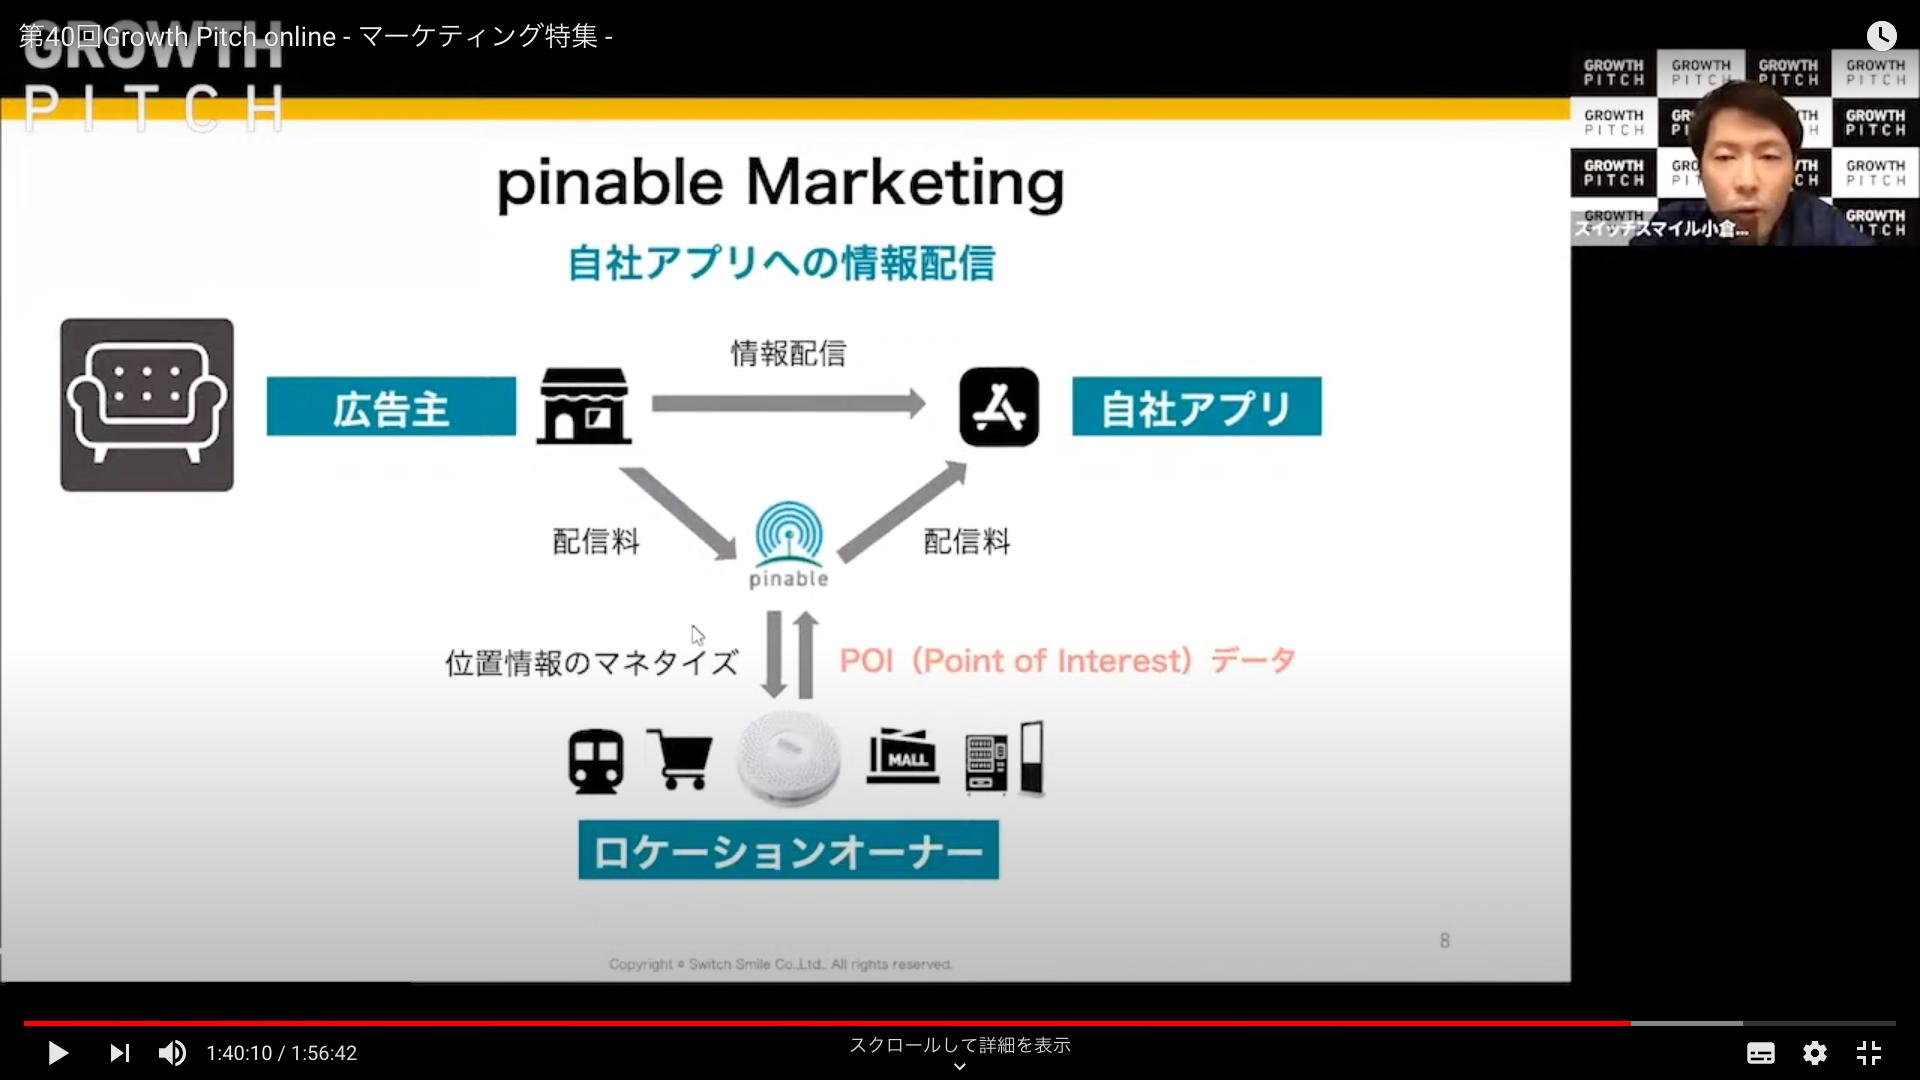 第40回Growth Pitch onlineにスイッチスマイルが登壇、位置情報マーケティングプラットフォーム『pinable』をモデレート